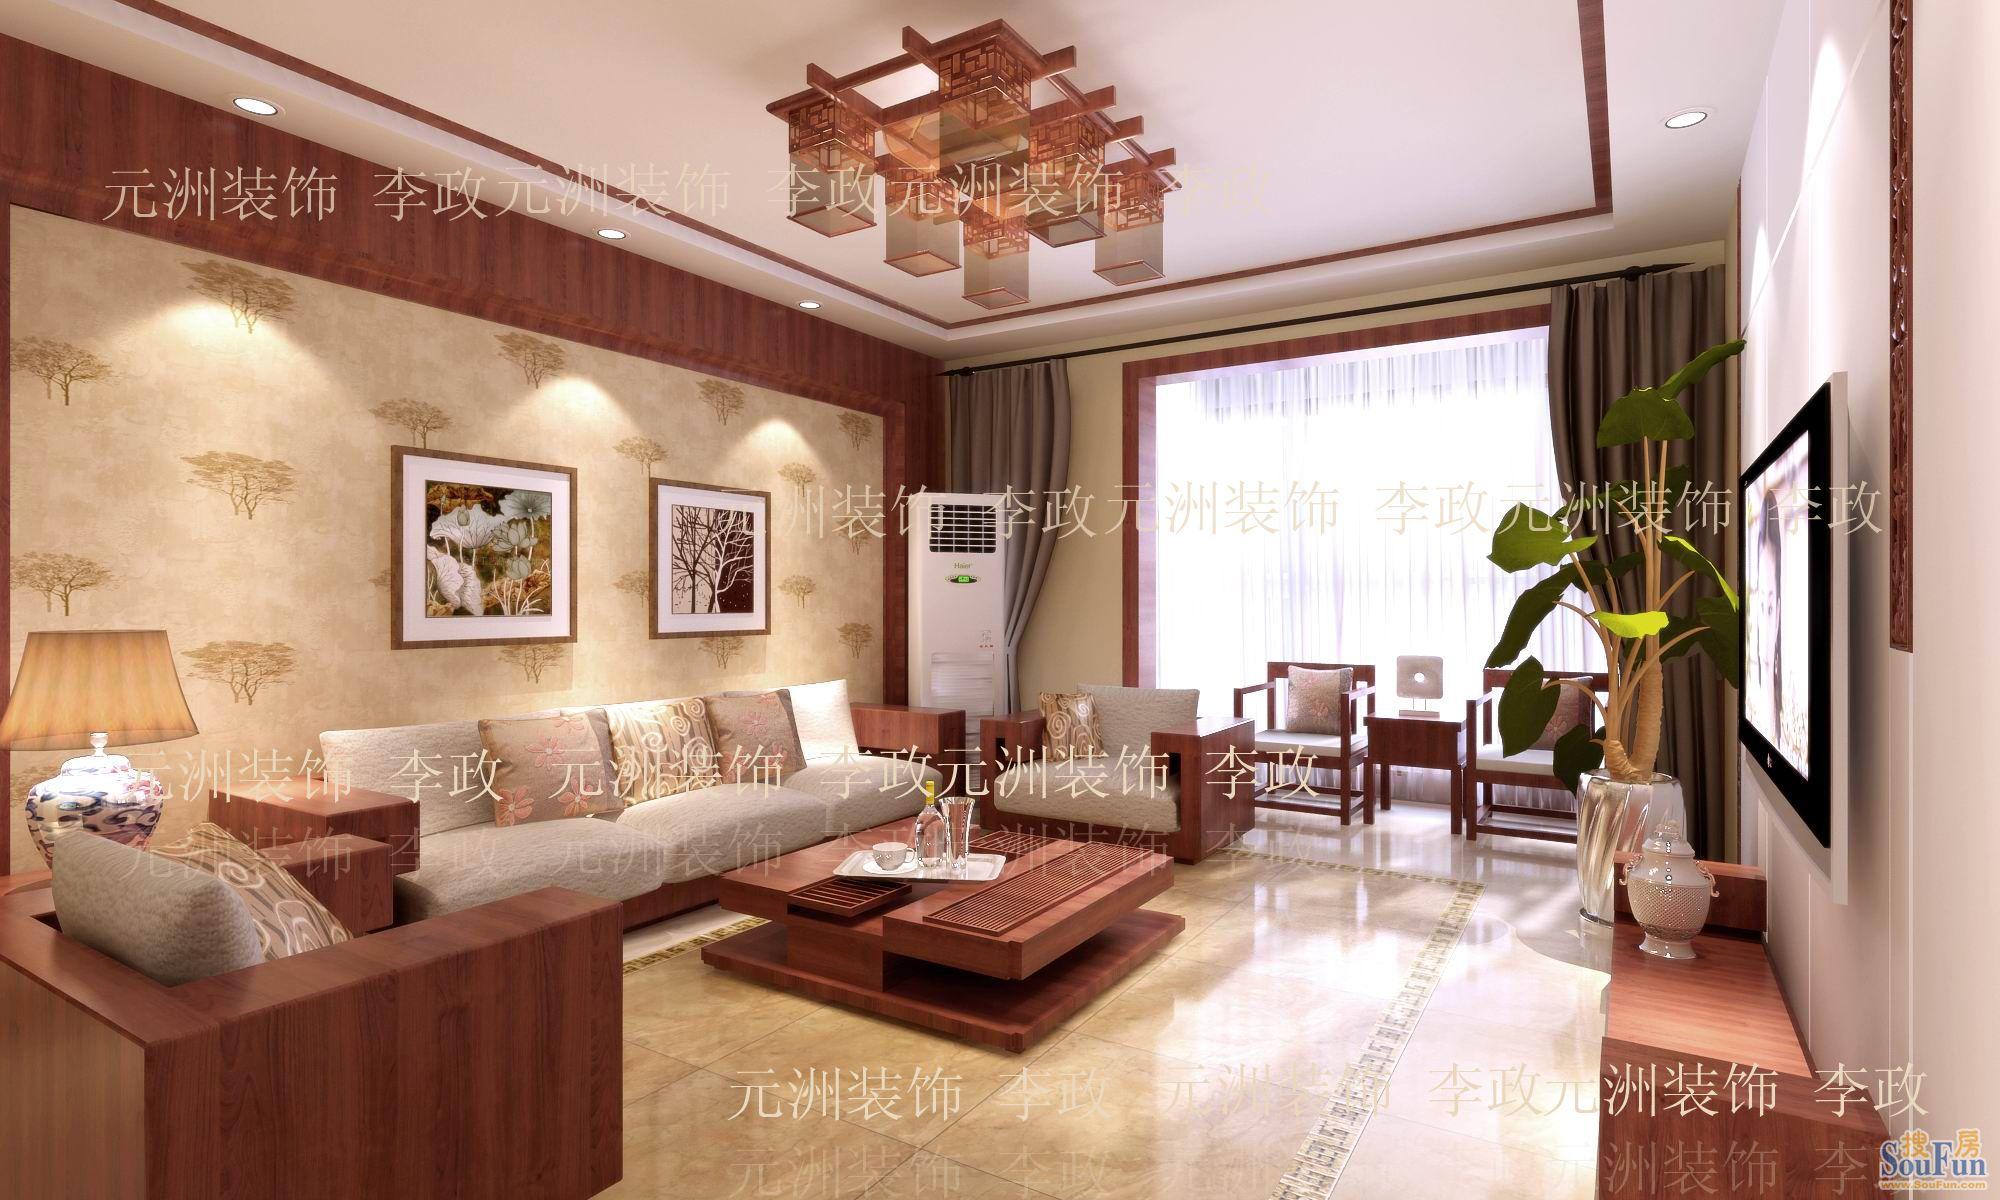 红成132平米欧式风格装修设计效果图元洲李政作品图片